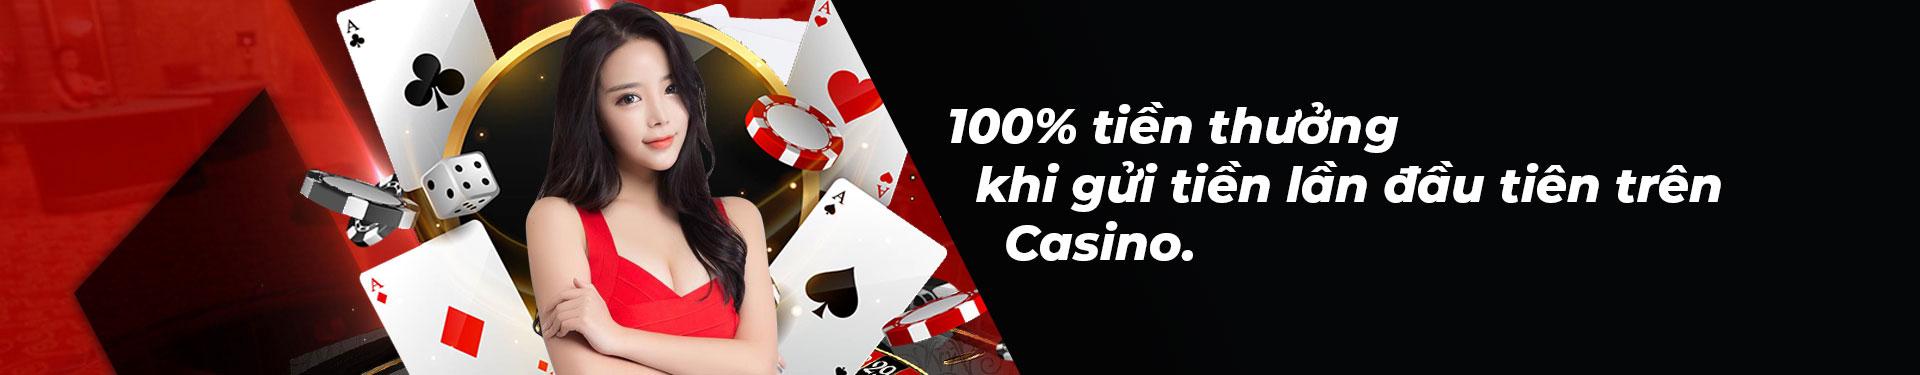 dafabet casino online